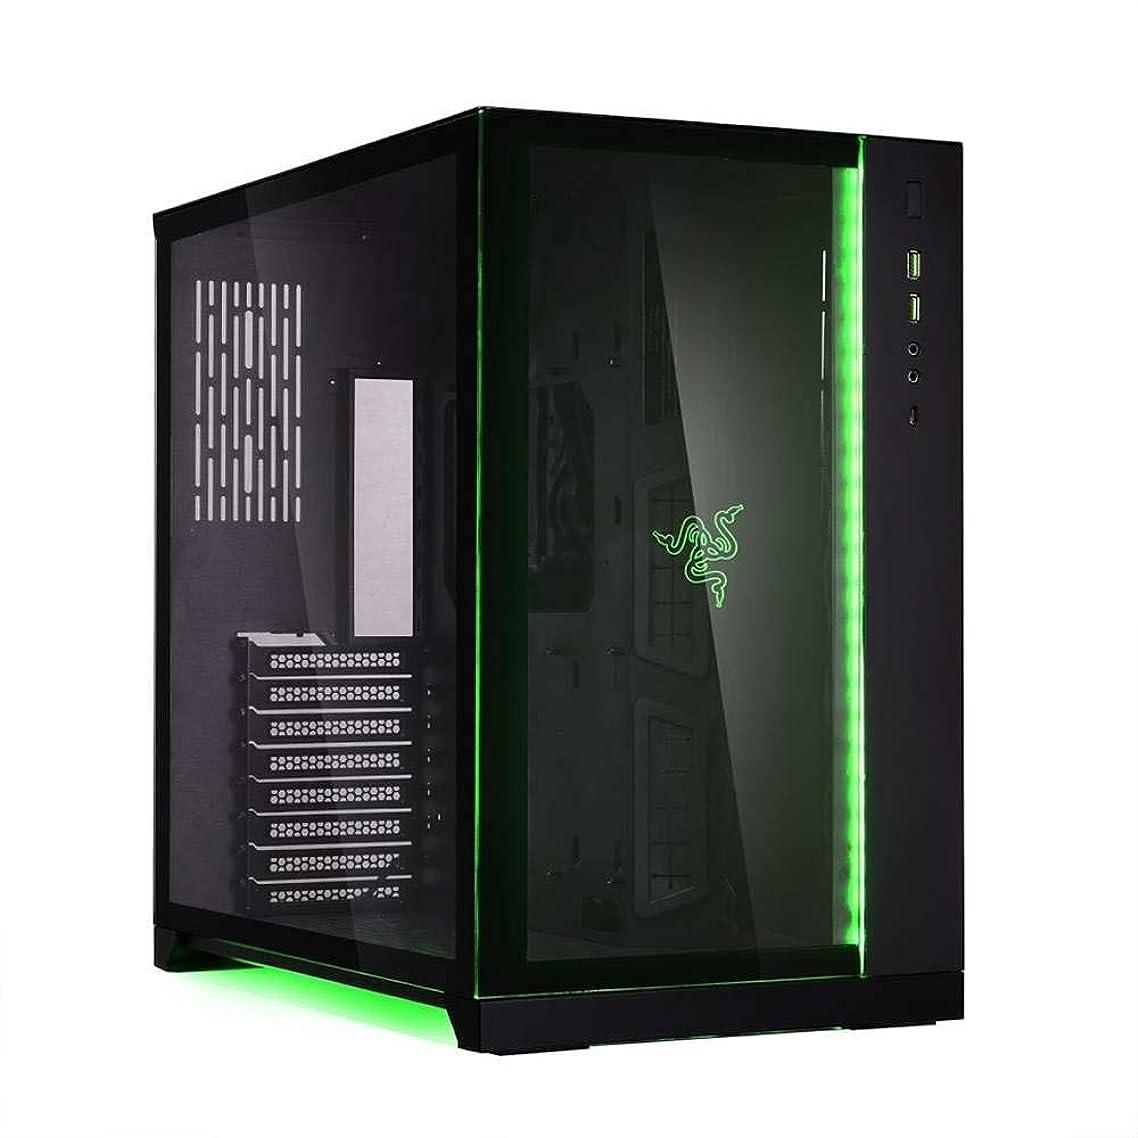 回路顕現パウダー★最高ゲーミングPC 1台のみ★Core i7最新第9世代 i7-9700k搭載 3.60Ghz/ DDR4 16GB / SSD 500GB + HDD 2TB/ マザー Z390 / グラボ RTX 2080 (8GB) / Win10インストール★RAZERモデル★ (Razer 緑(Green), Core i7 9700K & RTX 2080)